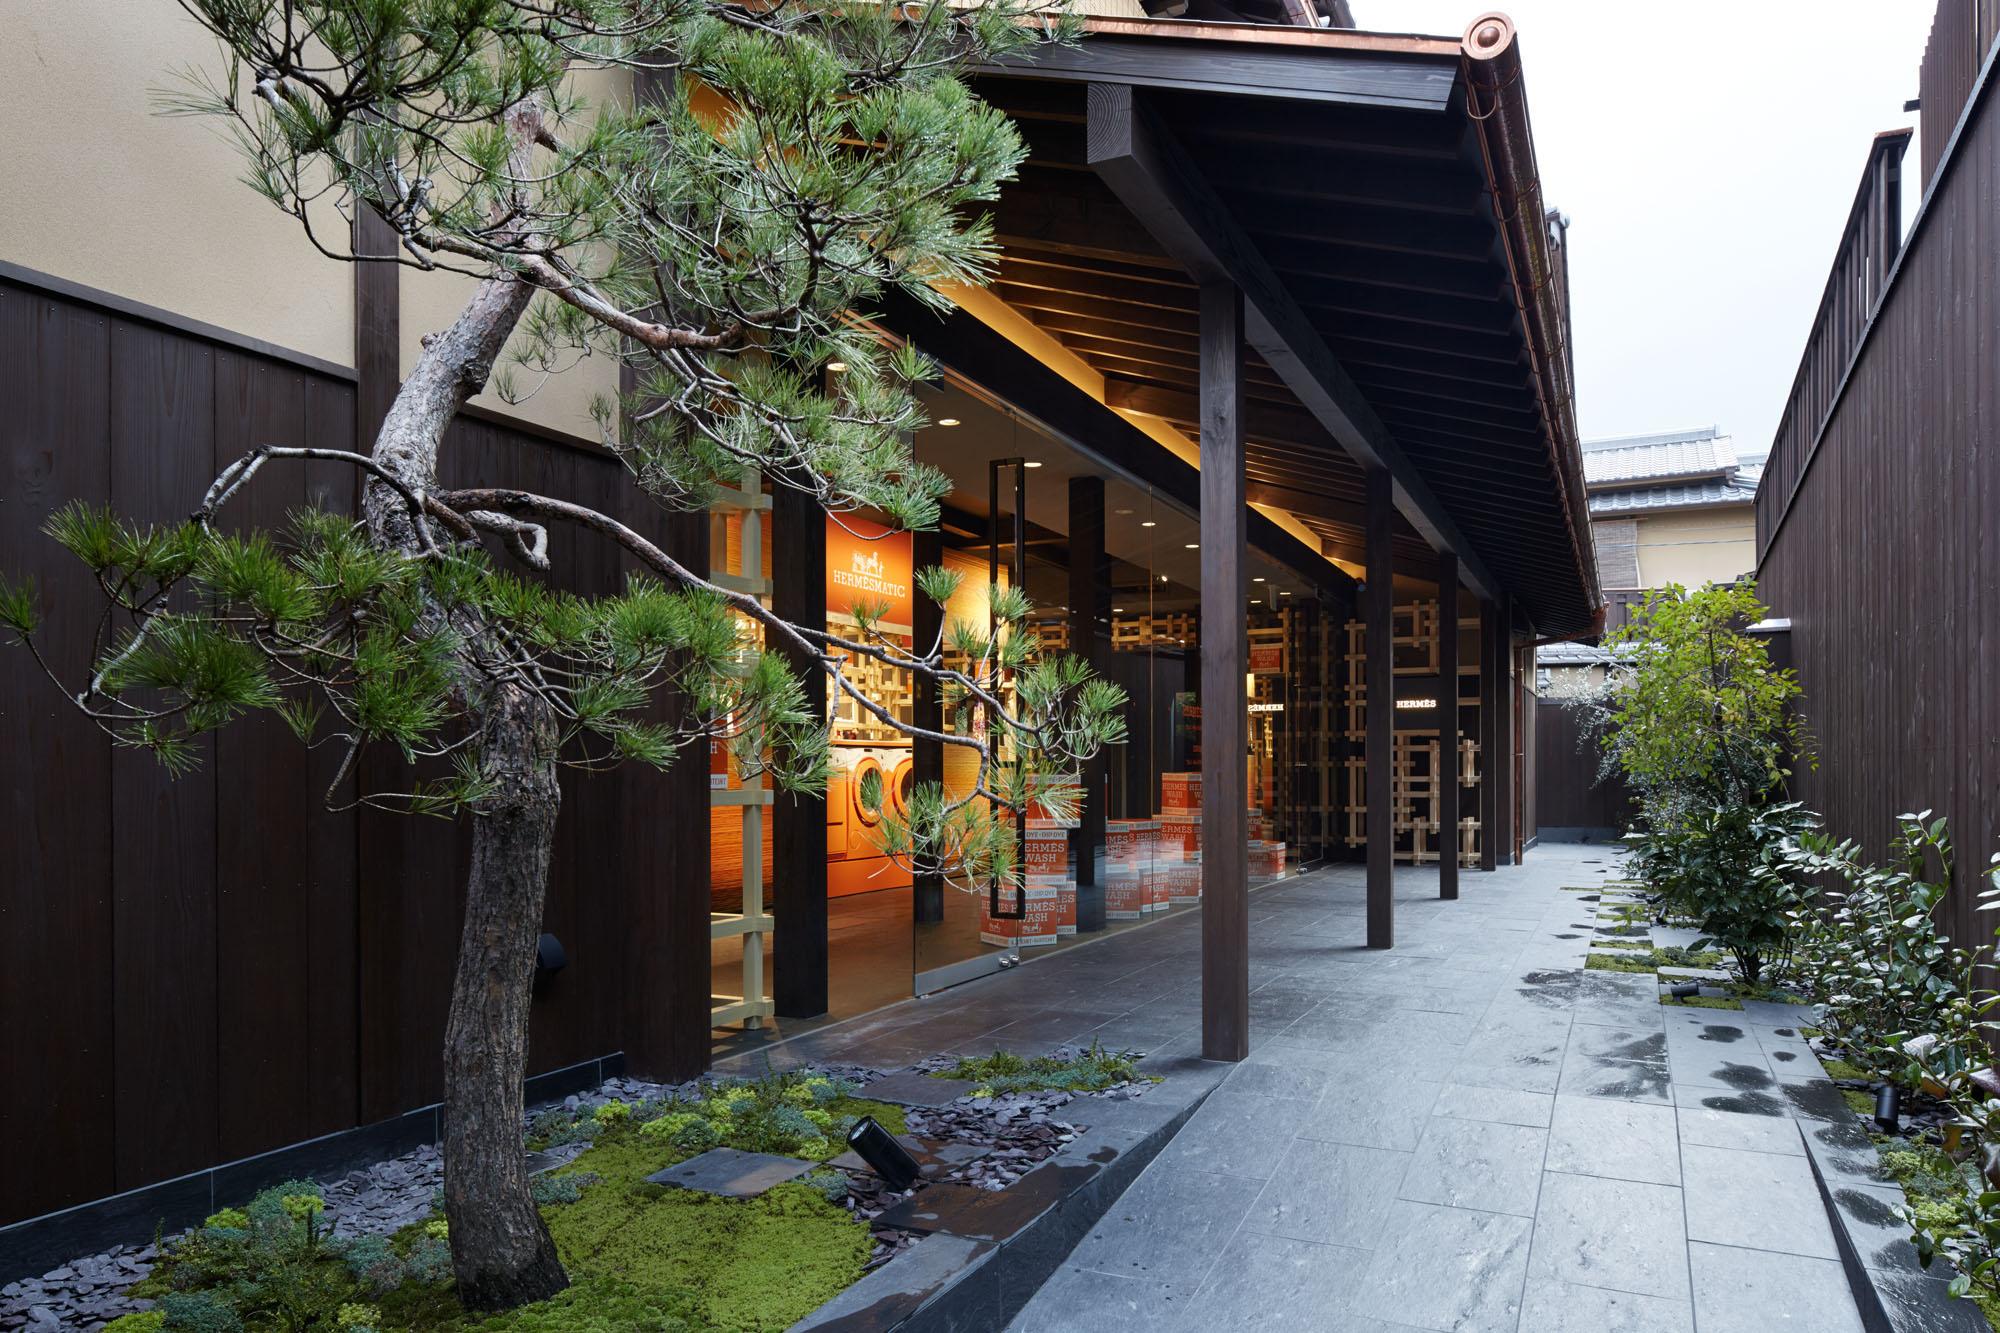 Herm s cr e un magnifique pop up store au japon dans ta pub for Dans ta pub